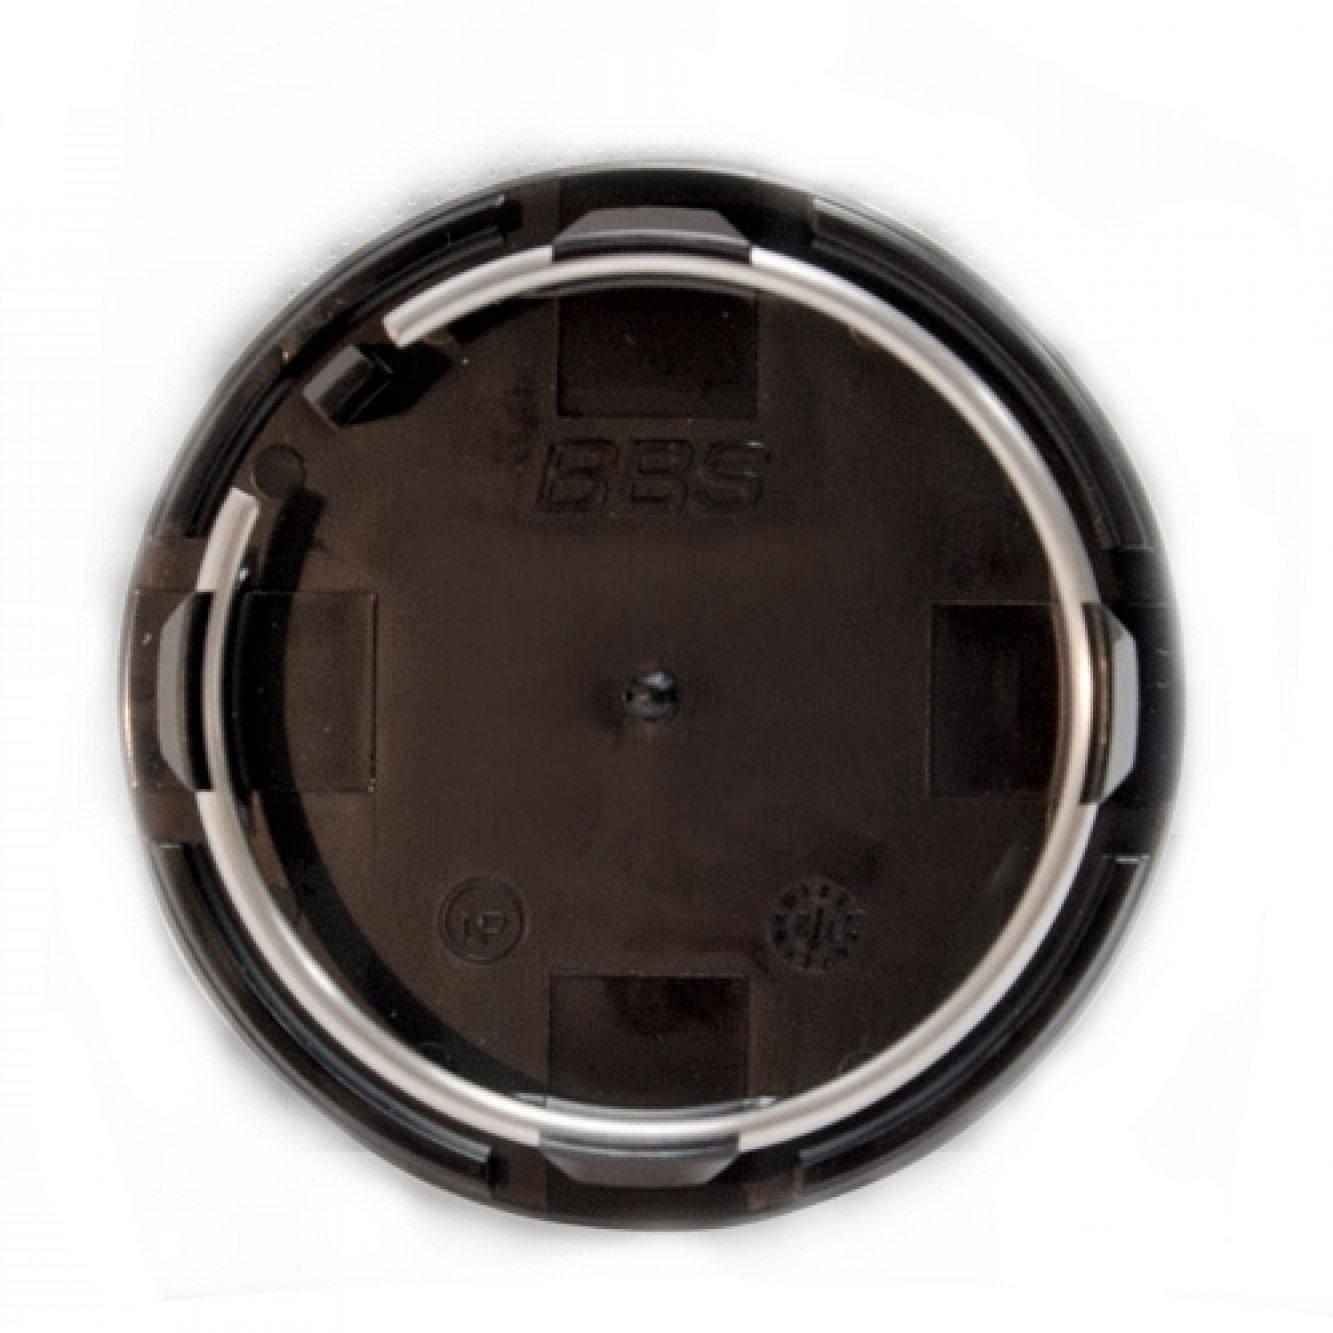 Embellecedor BBS para tapacubos de carbono y plata, 70 mm, 0924467: Amazon.es: Coche y moto